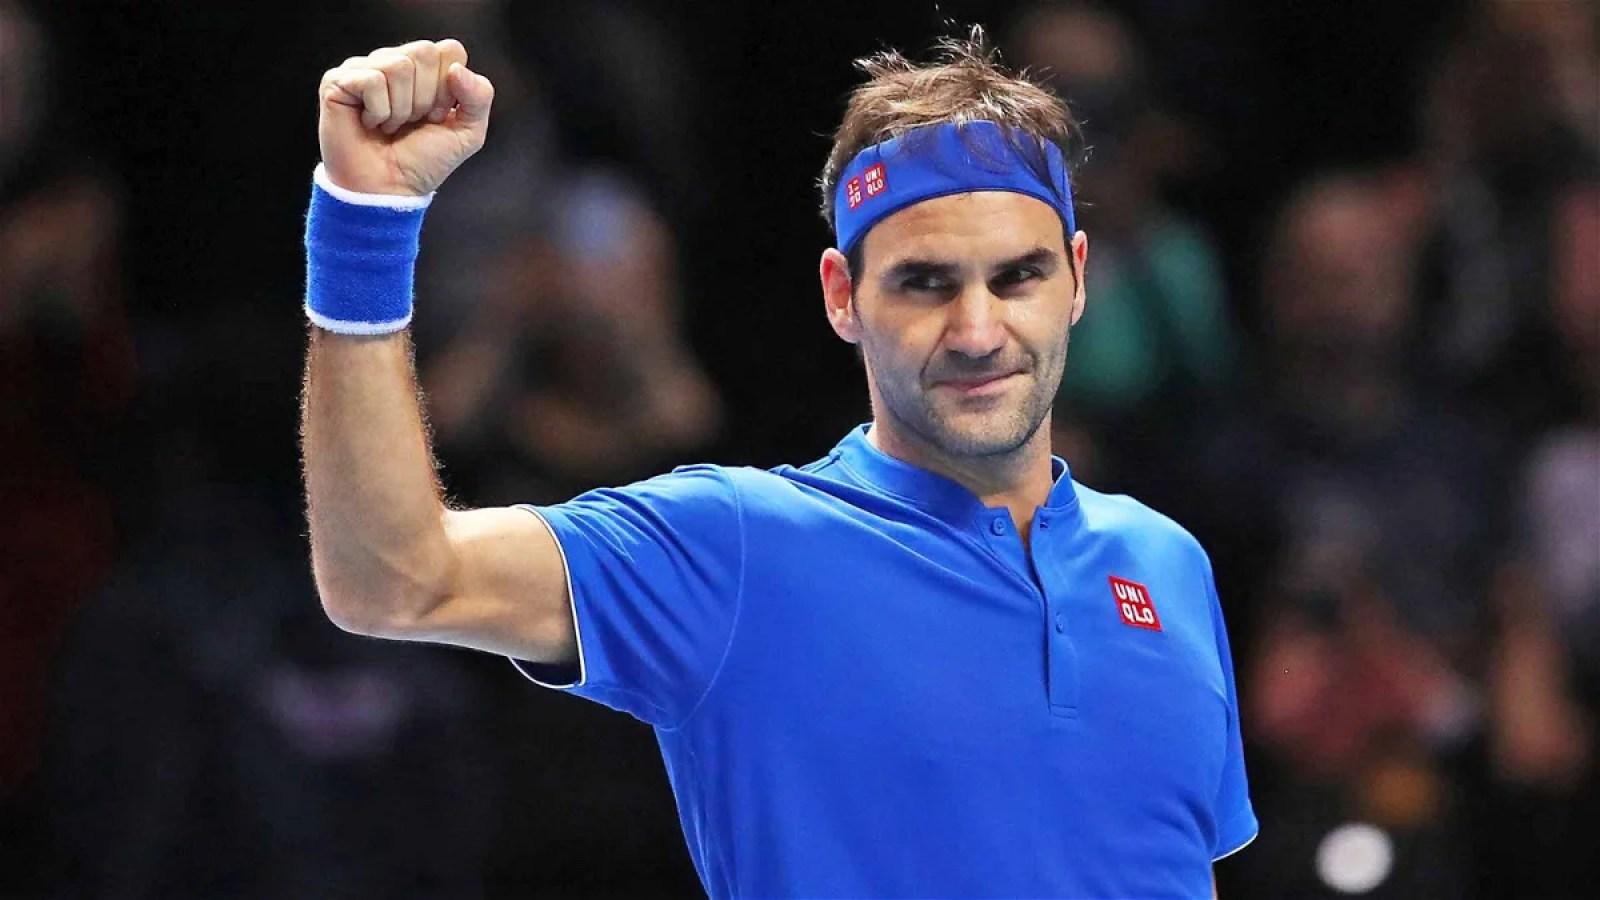 Roger Federer agradece a Uniqlo por la ayuda